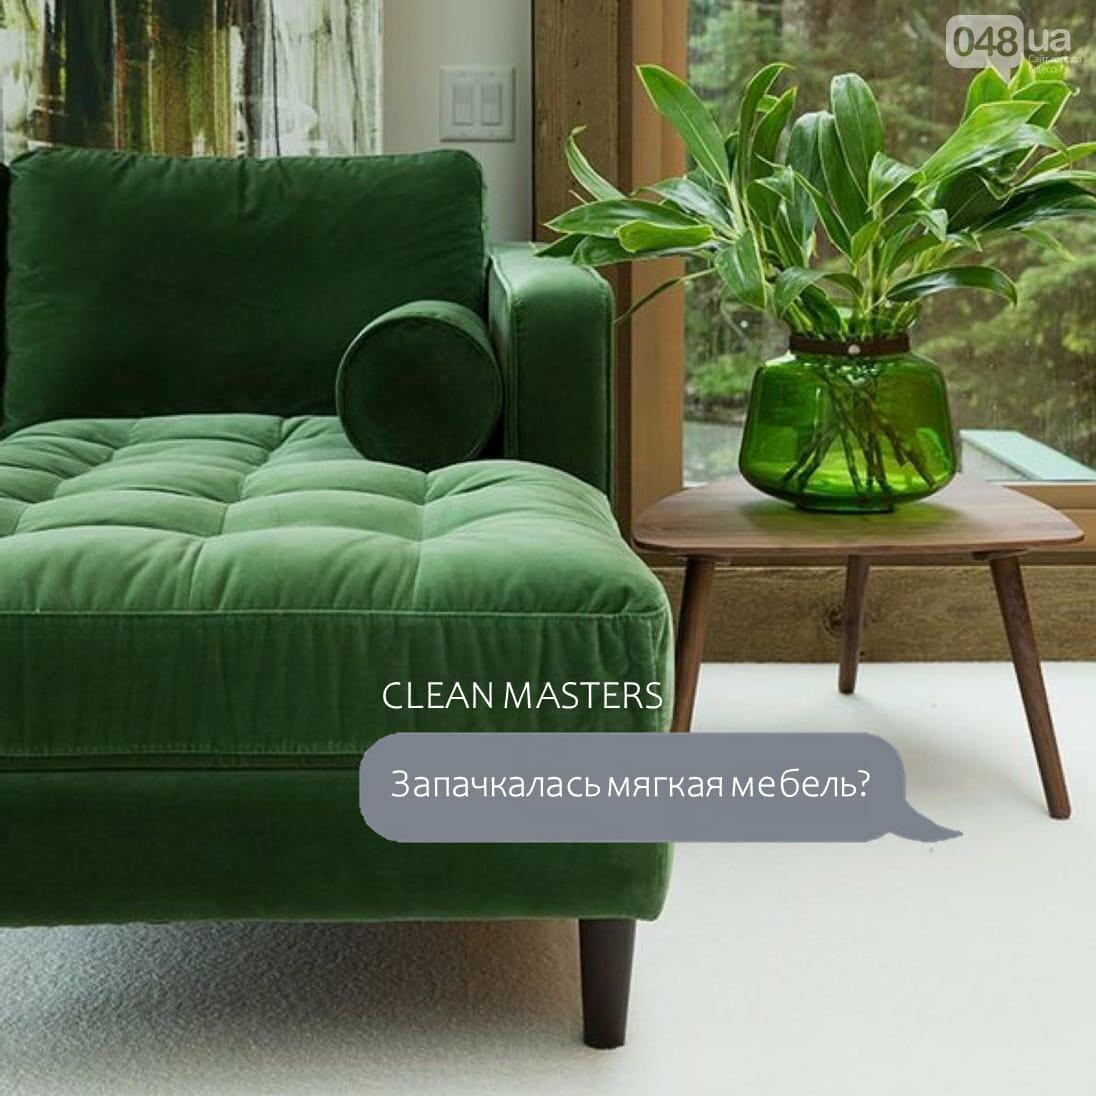 Как и где заказать уборку квартиры?, фото-2